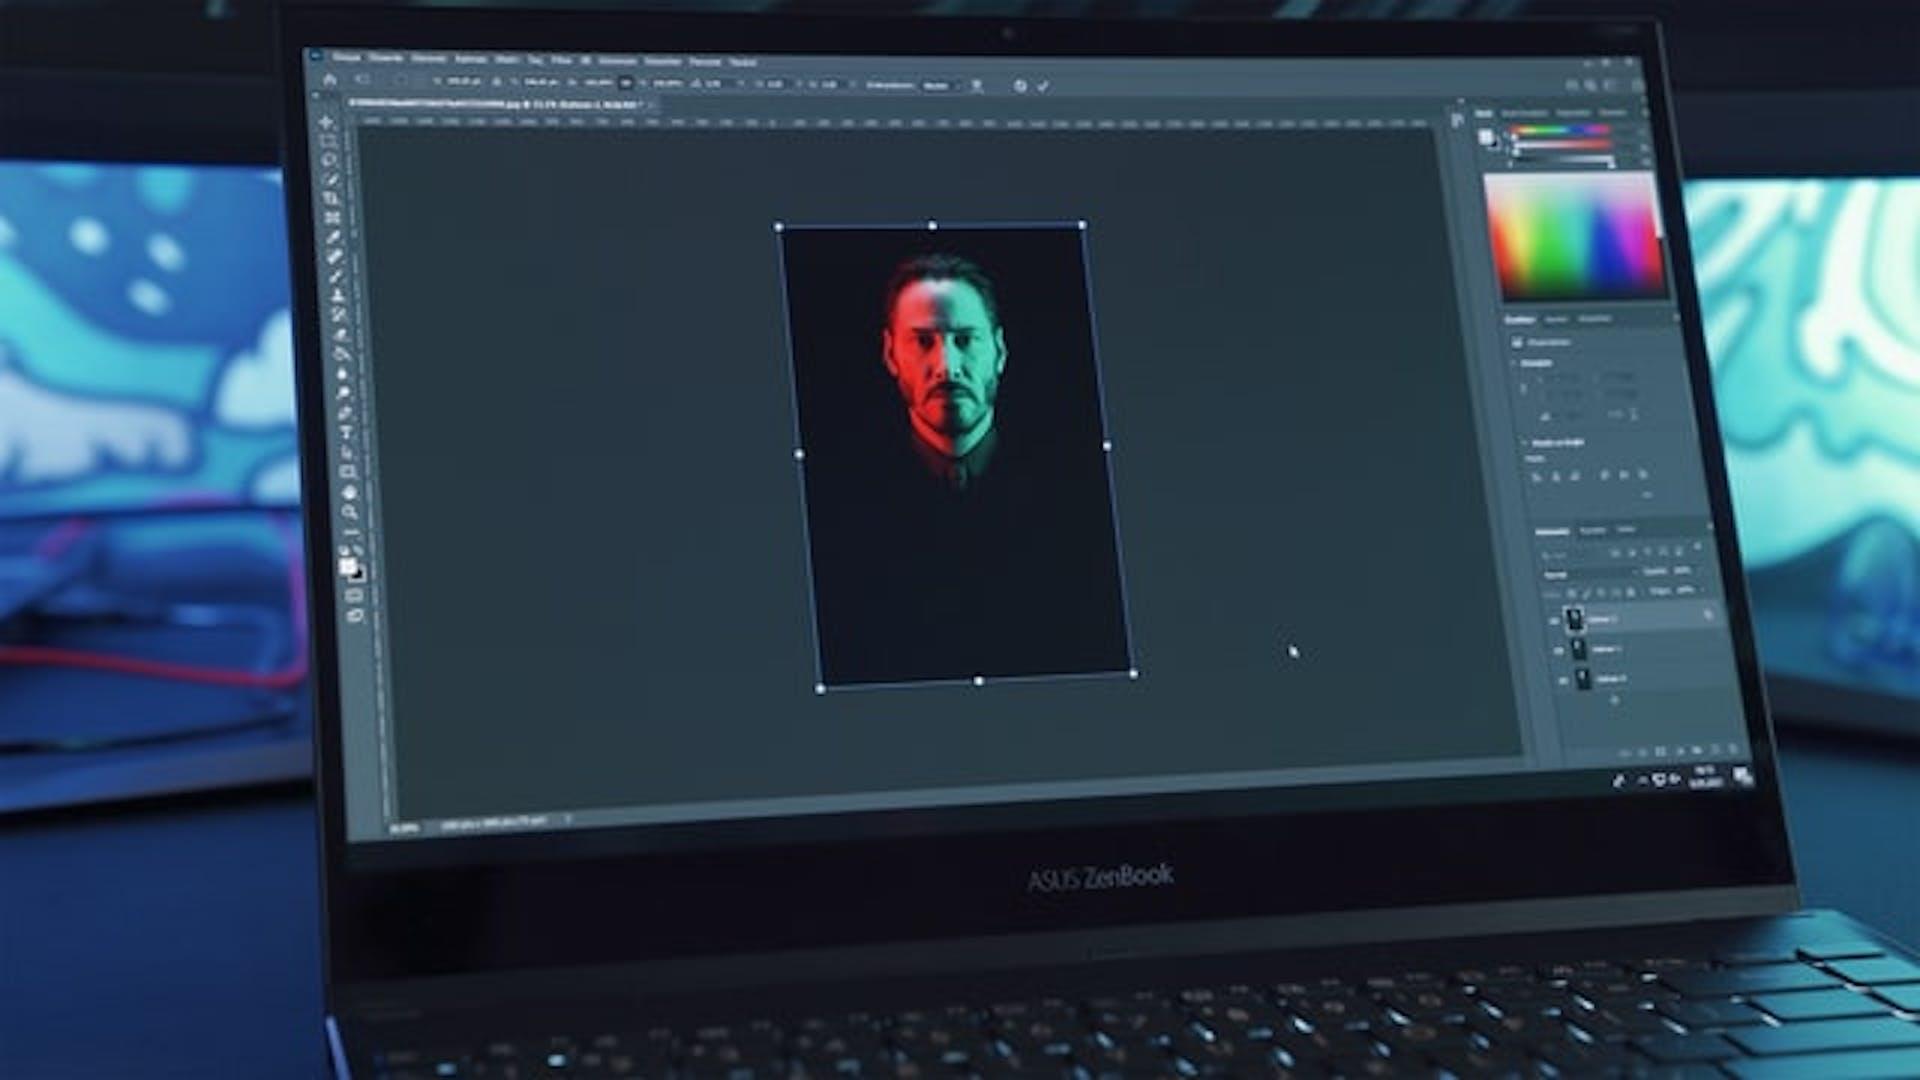 ¿Cómo quitar el fondo en Photoshop y Power Point? Ejecuta el primer paso para crear el montaje de tus sueños